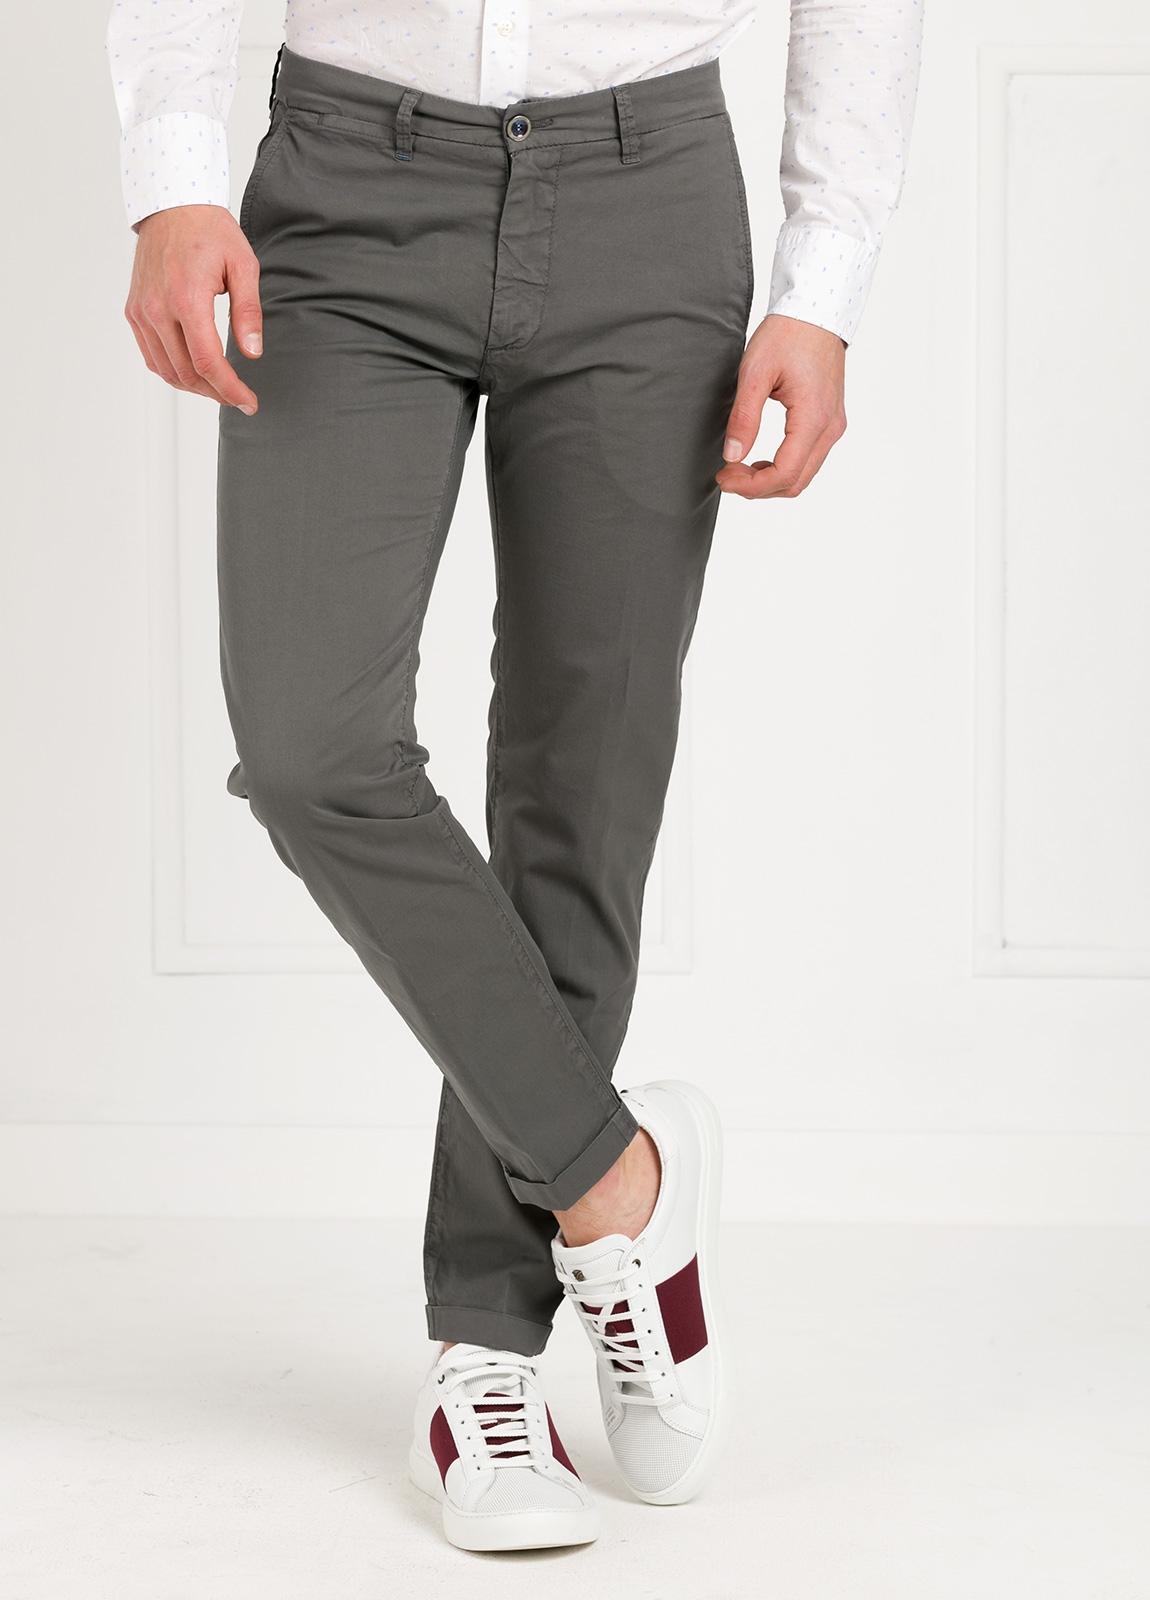 Pantalón sport modelo MUCHA P 249 color gris. Algodón y elastáno.